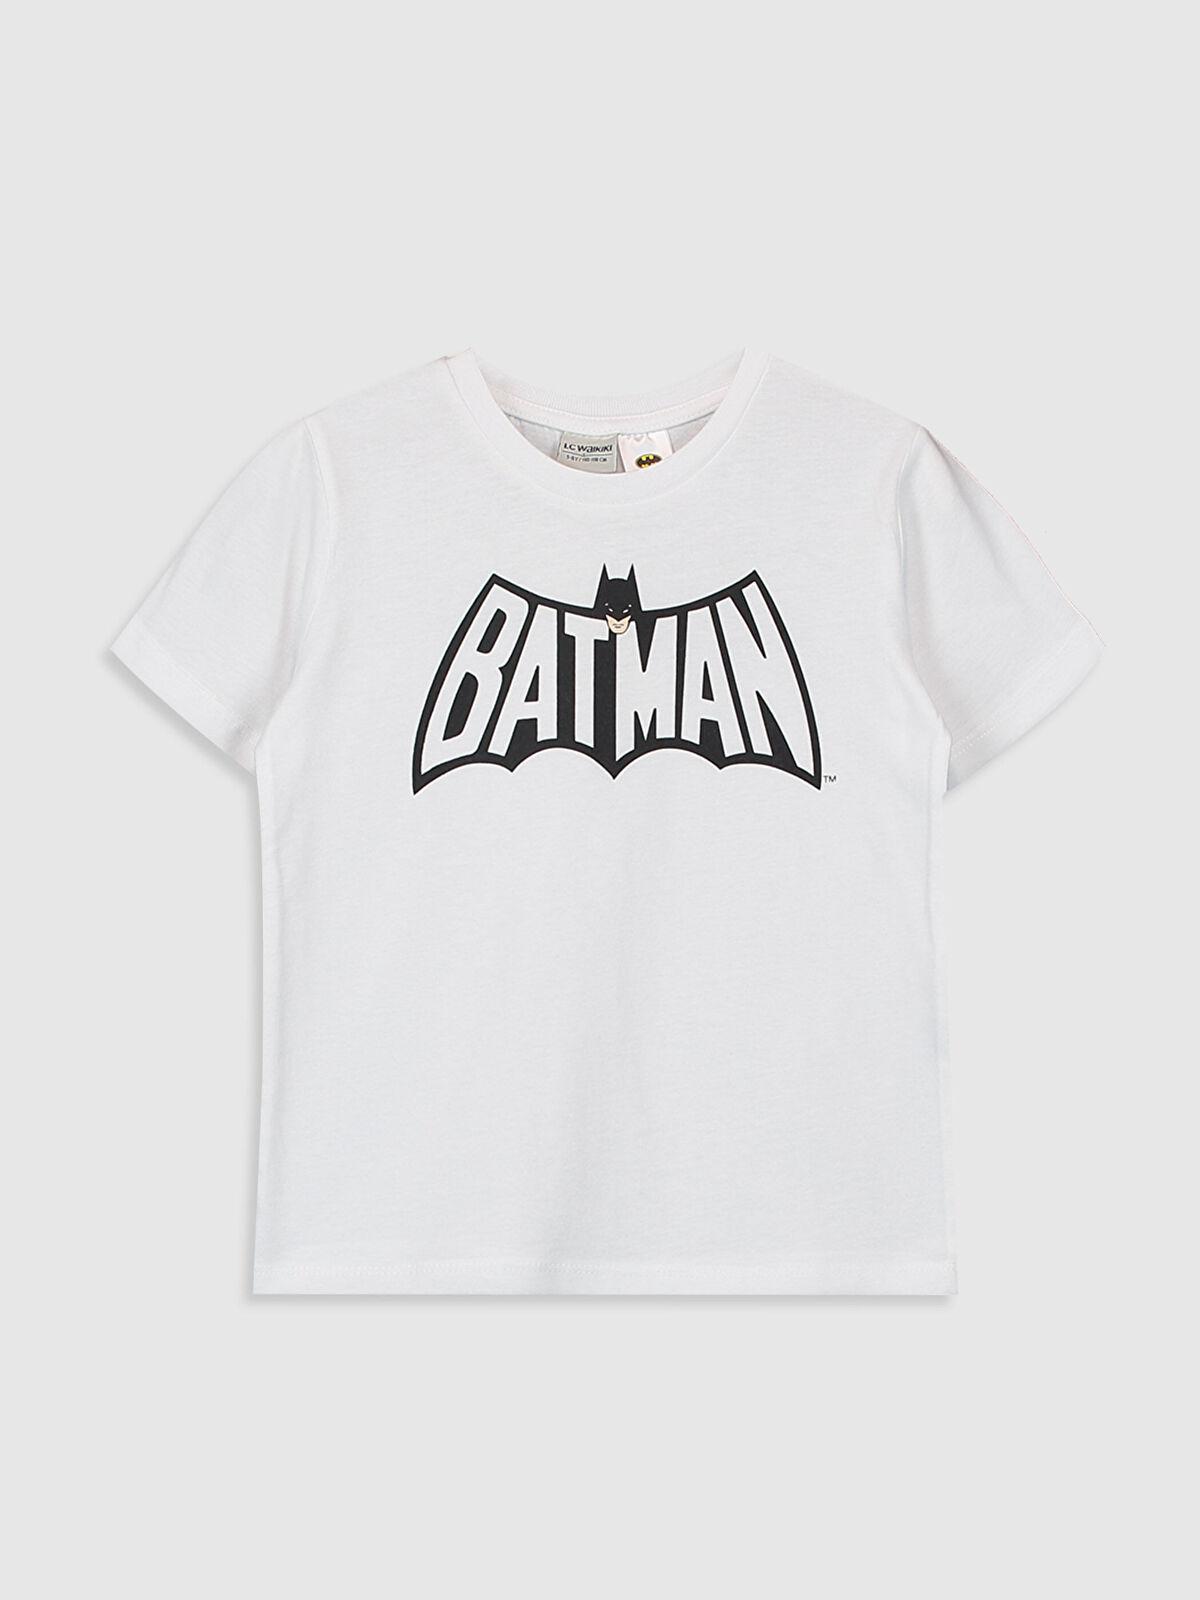 Erkek Çocuk Batman Baskılı Pamuklu Tişört - LC WAIKIKI